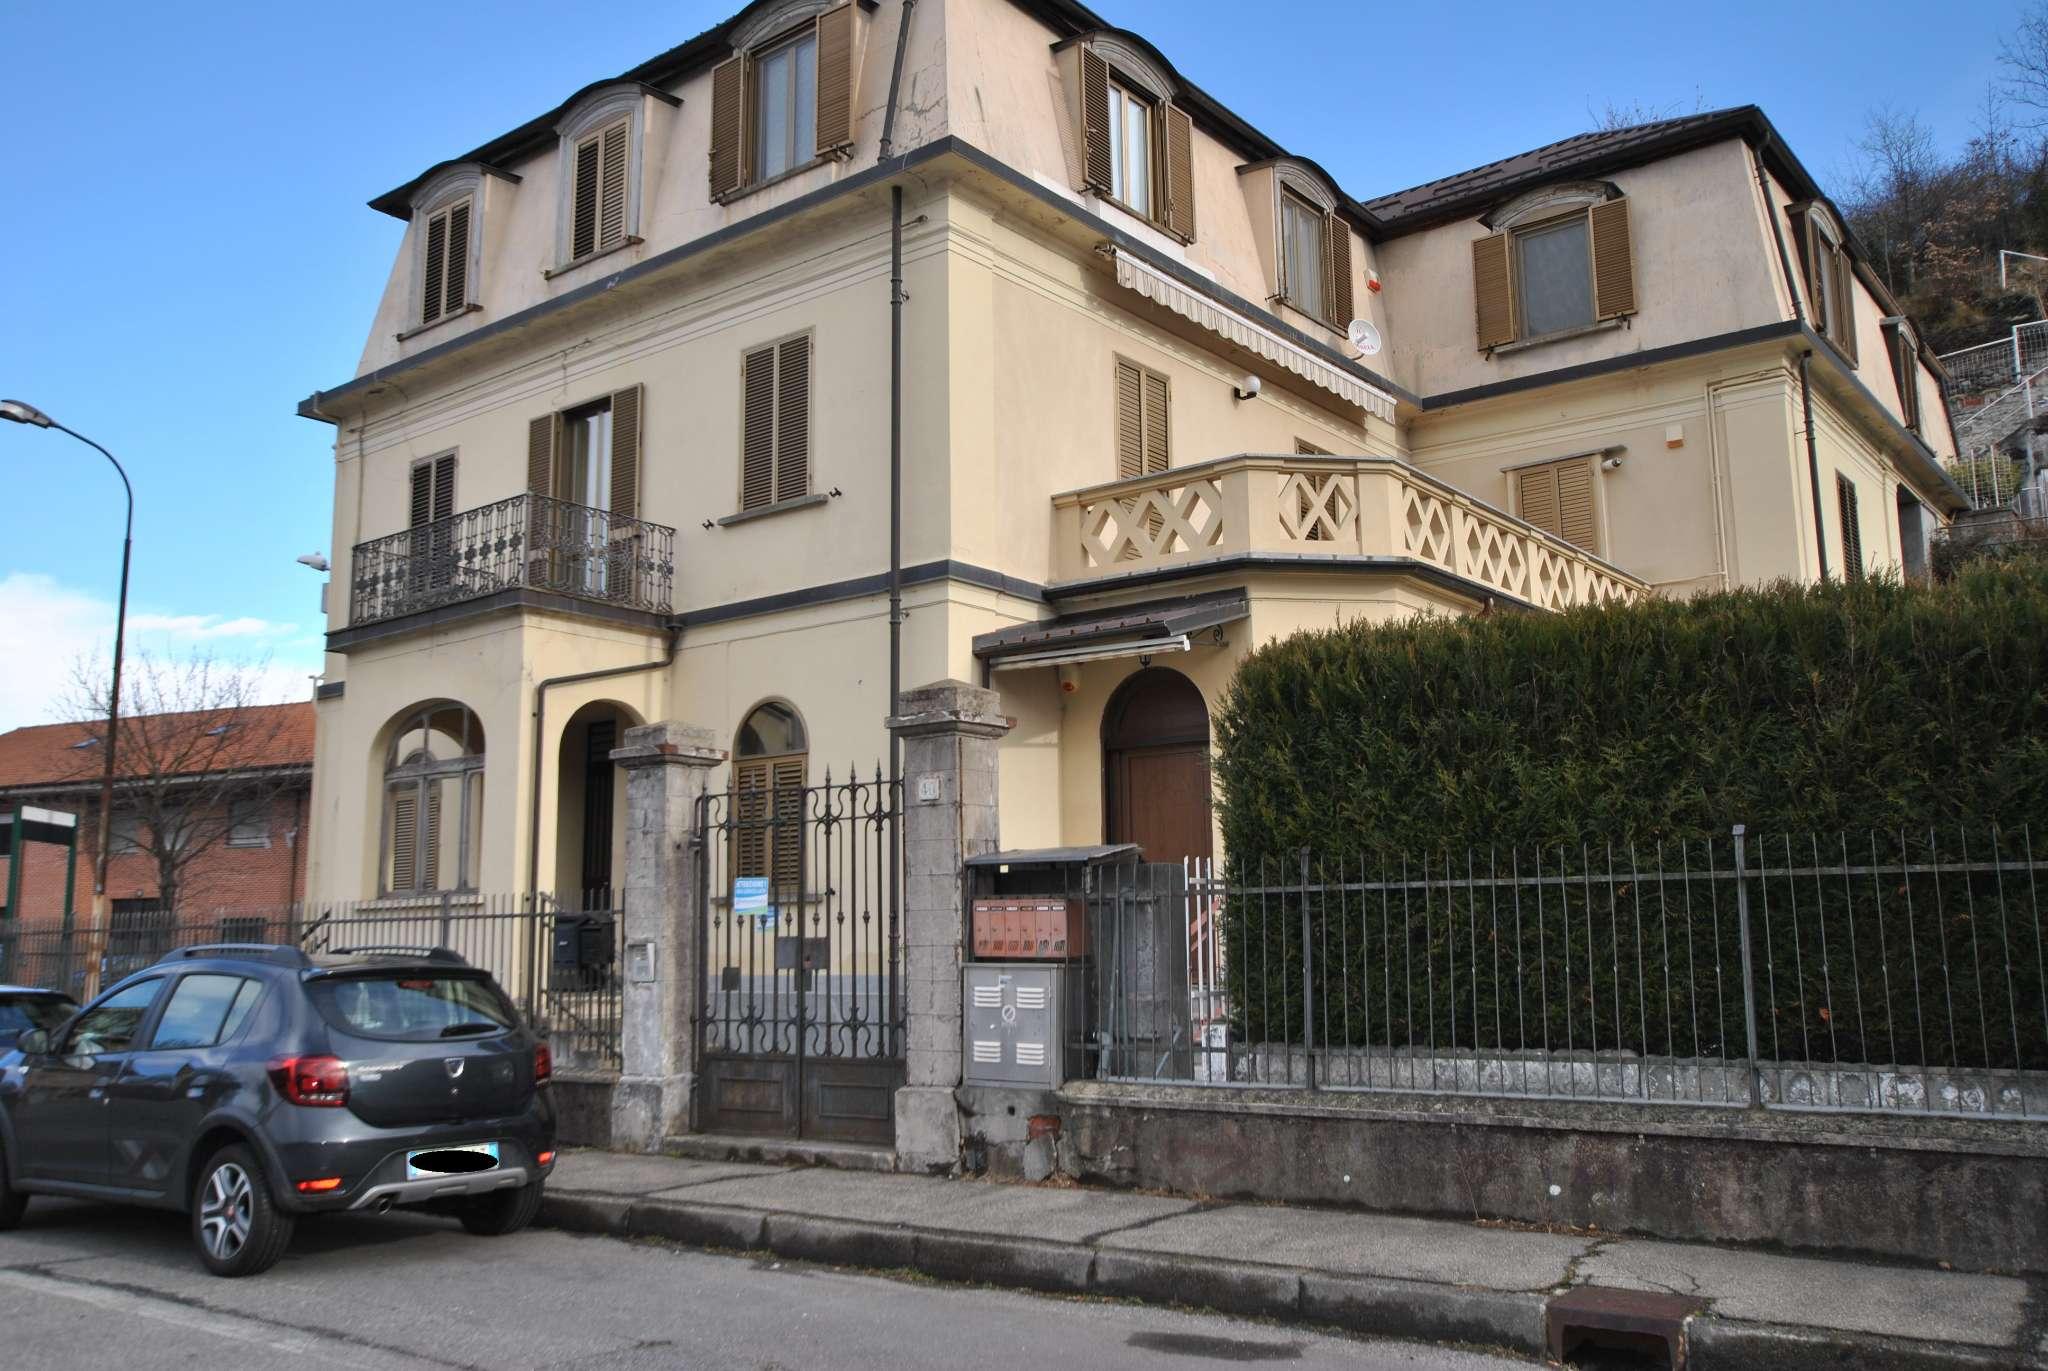 Appartamento in vendita a Avigliana, 3 locali, prezzo € 104.000 | PortaleAgenzieImmobiliari.it